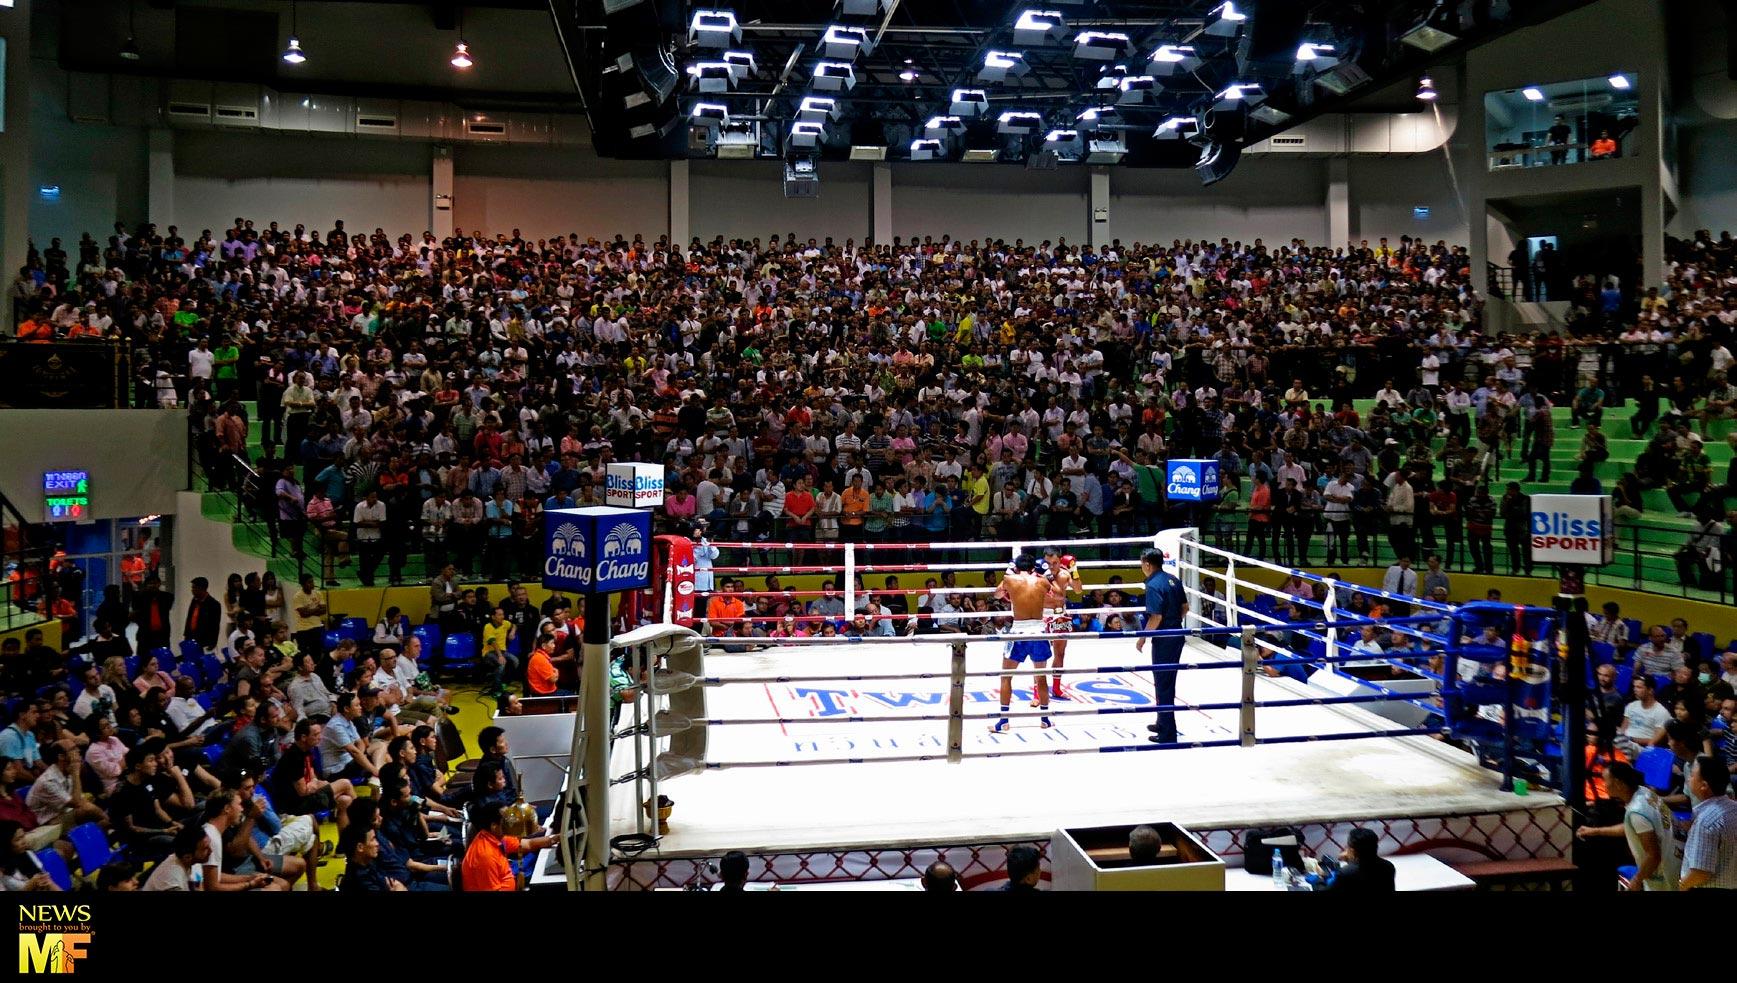 Lumpinee Stadium Muay Farang Muay Thai News